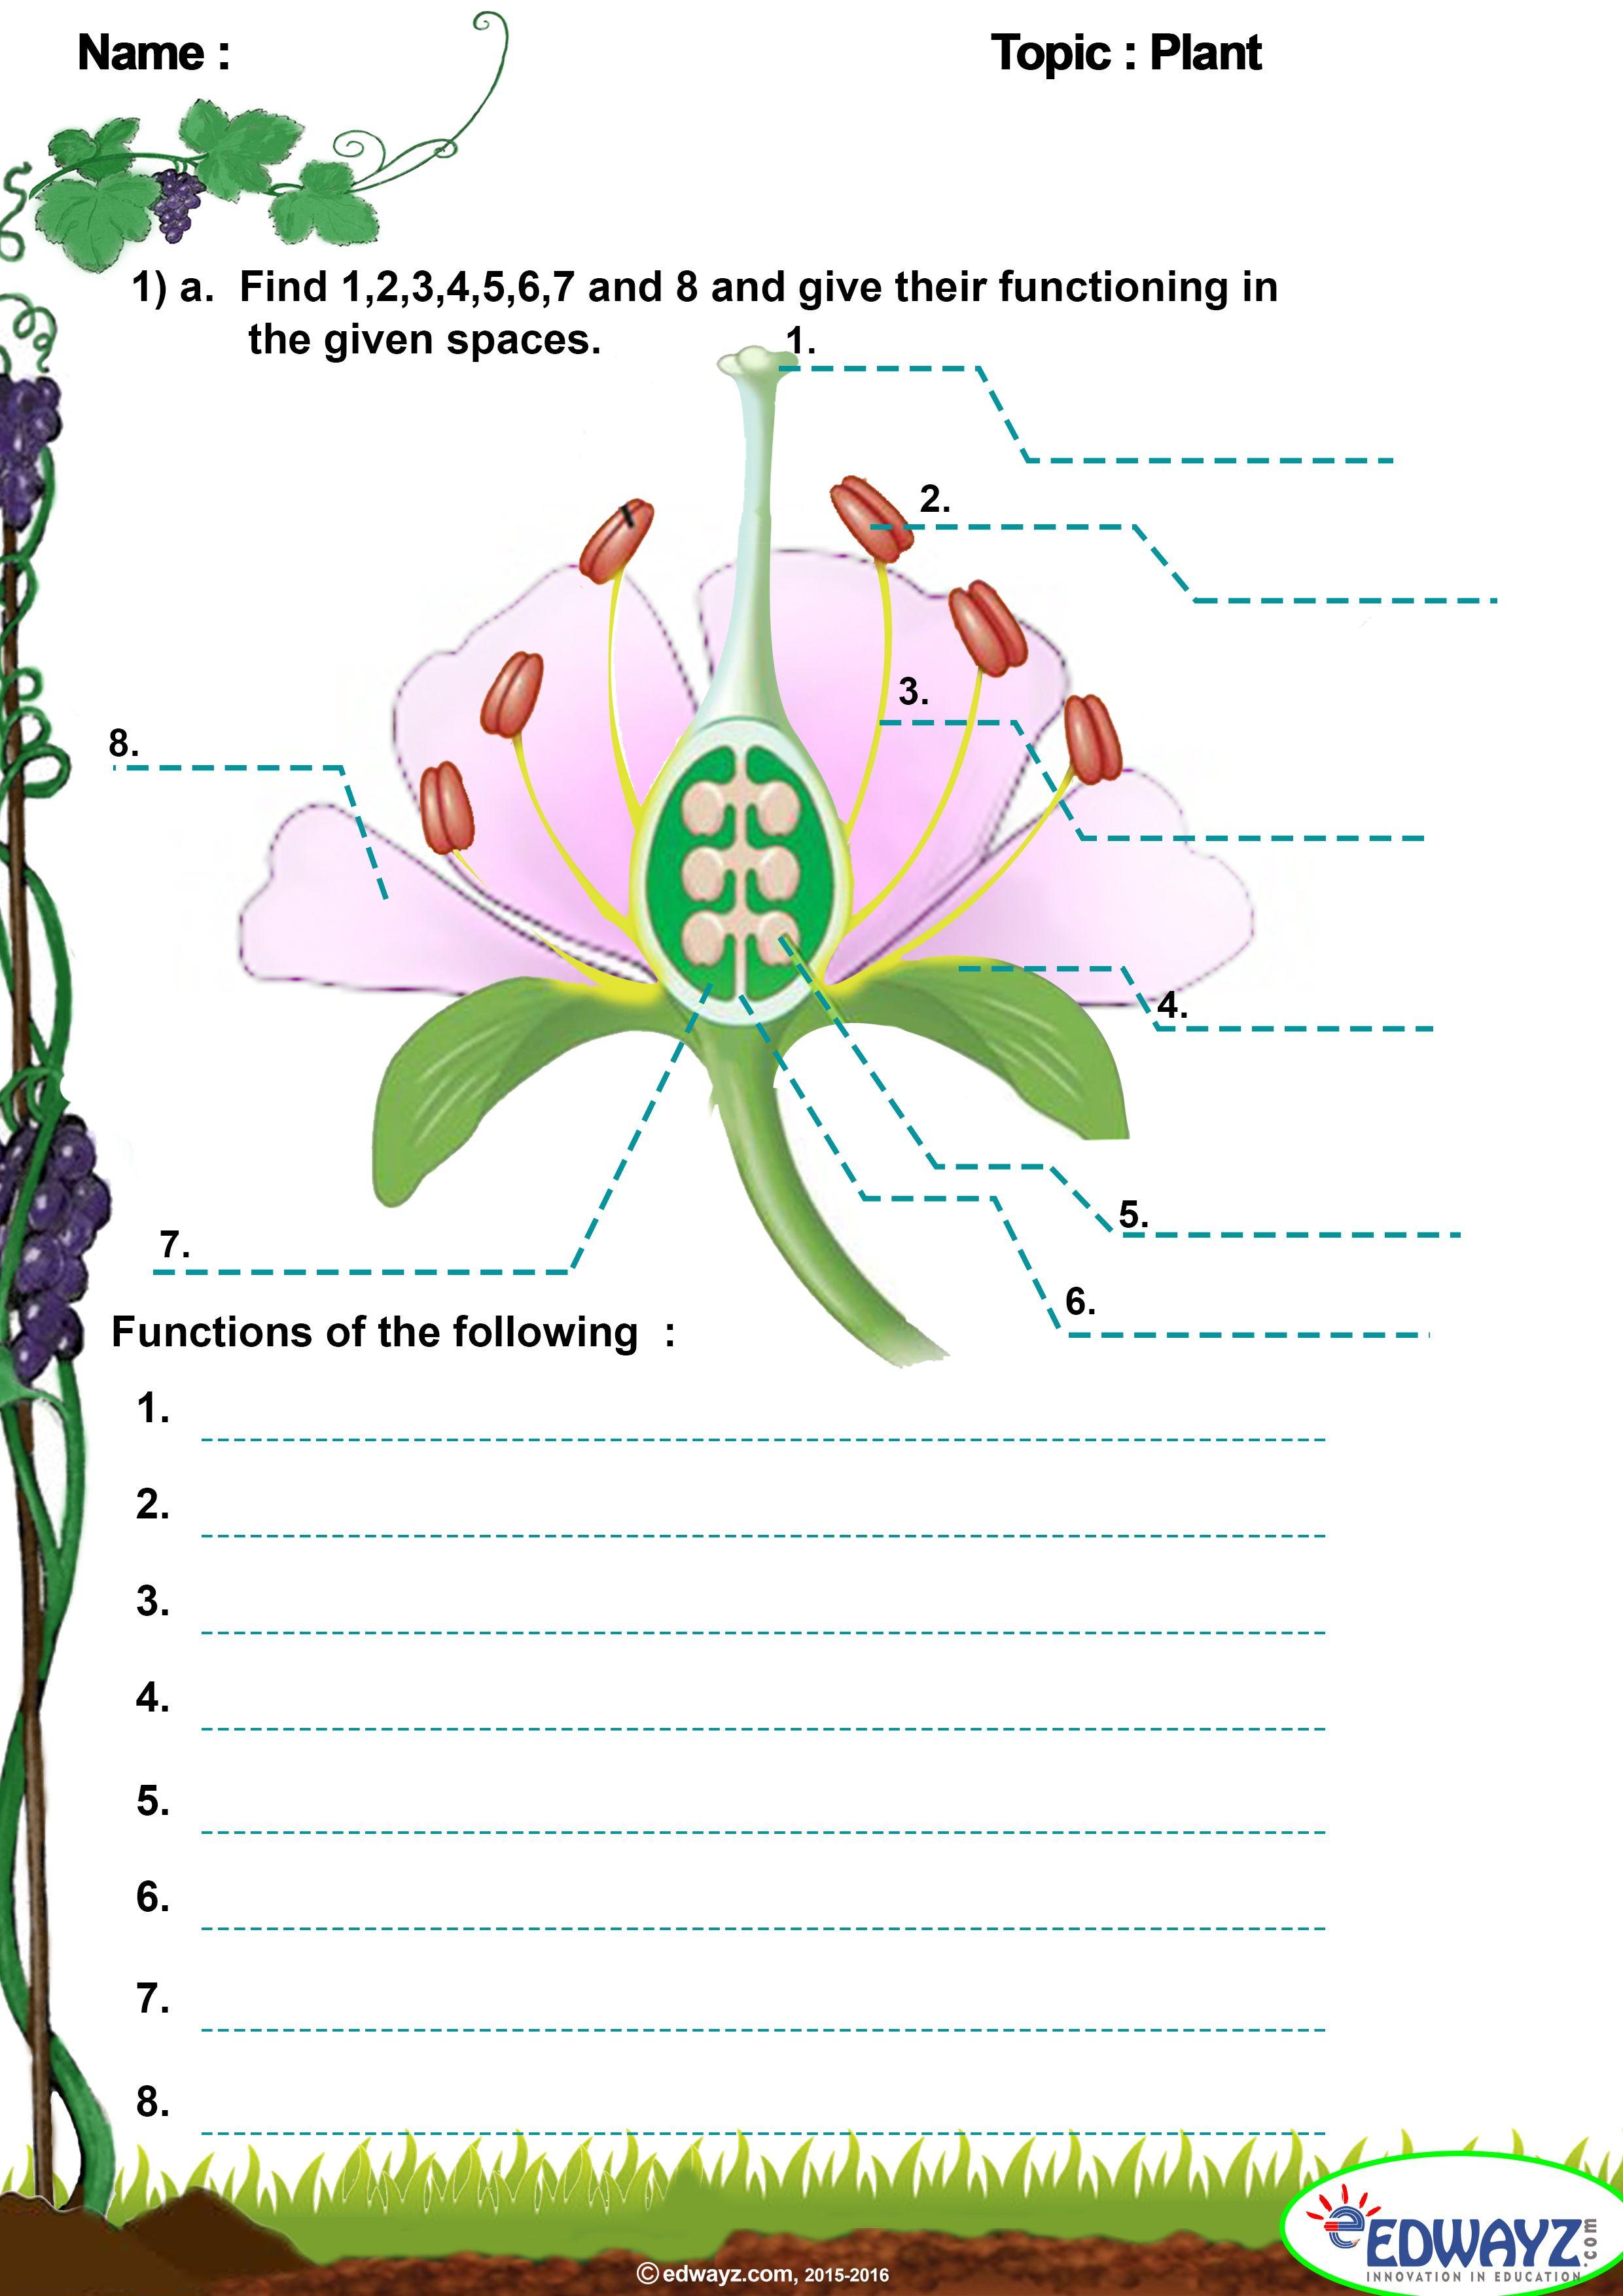 Edwayz freeworksheets Class5 EVS PlantsKingdom